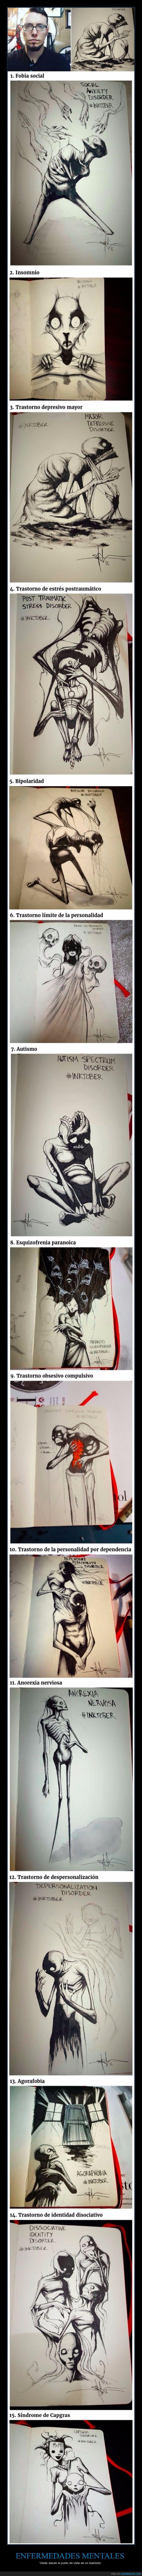 enfermedades mentales,ilustraciones,inktober